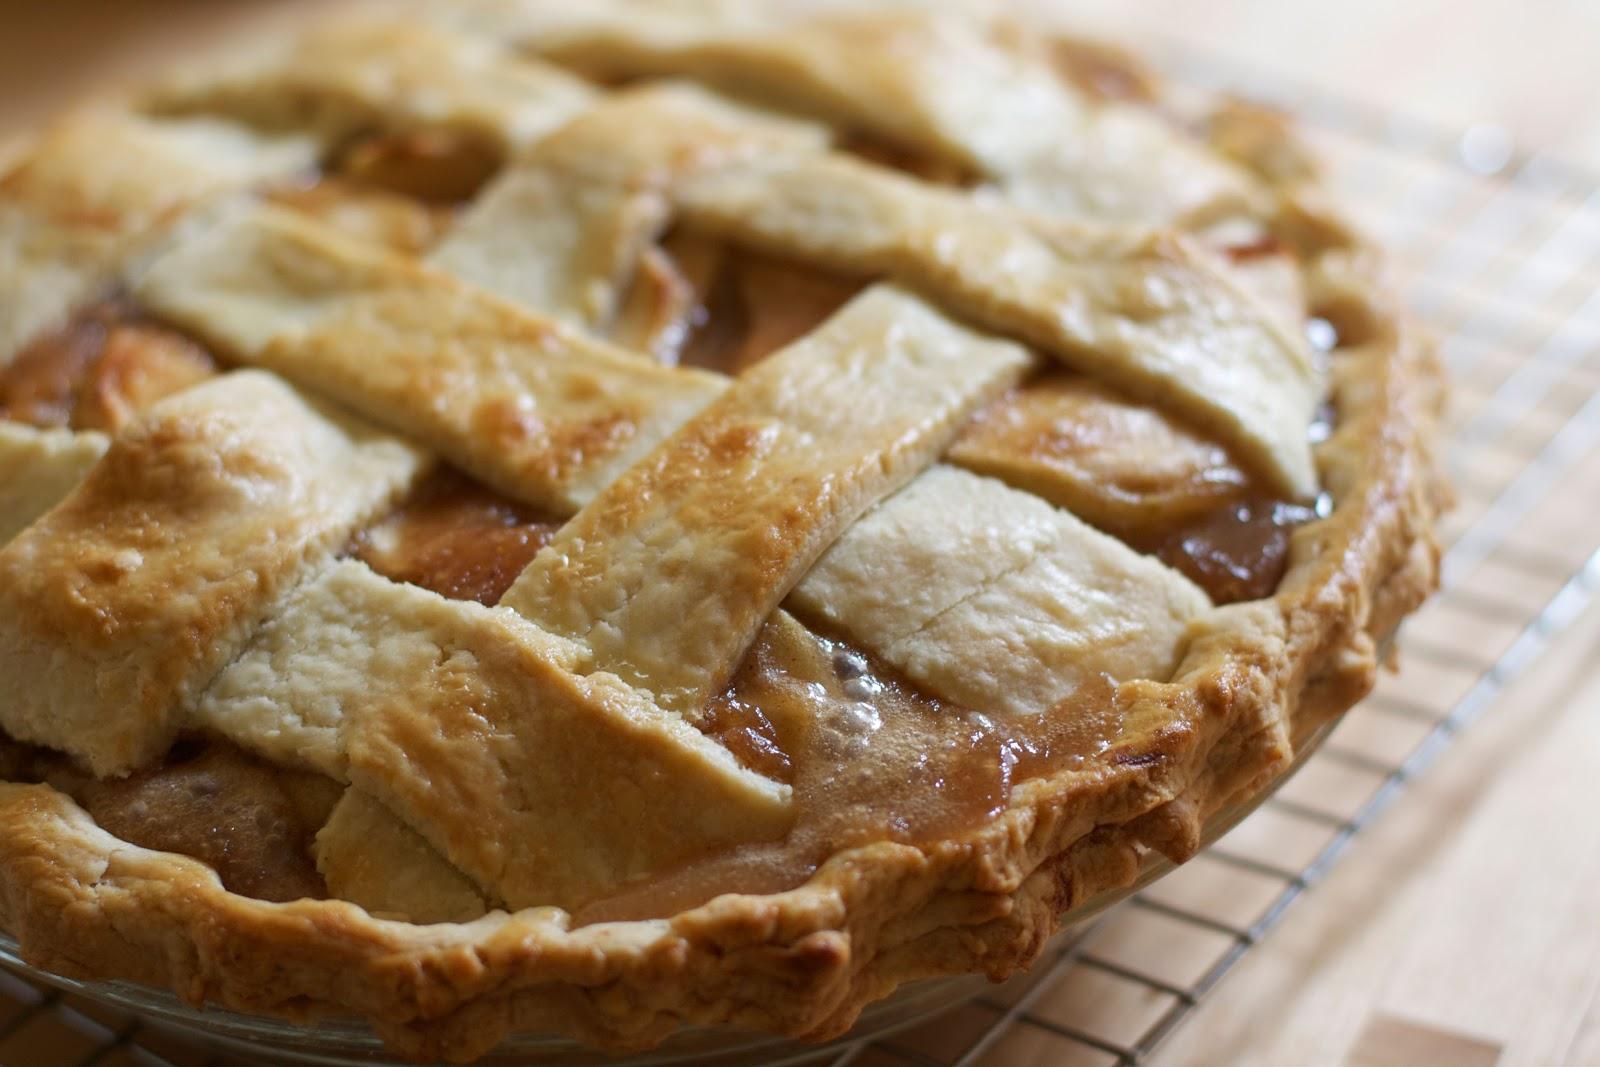 Caramel apple pie marries two American favorites.